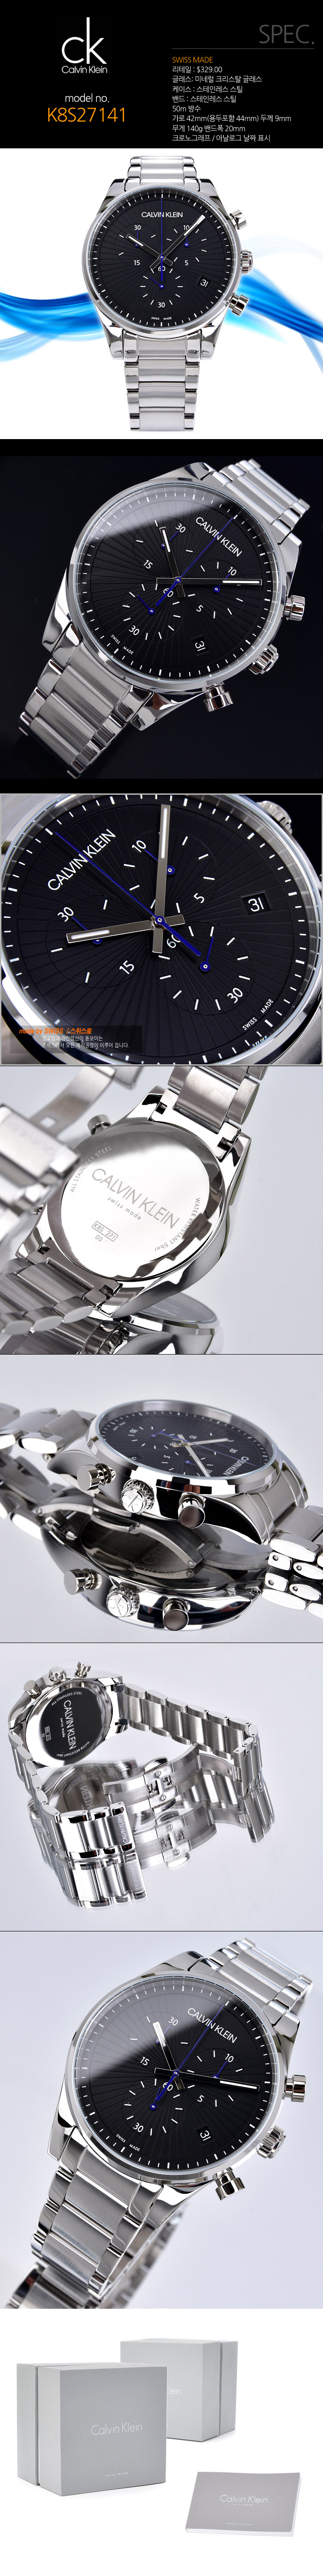 캘빈클라인 K8S27141 크로노그래프 남성용 명품 시계